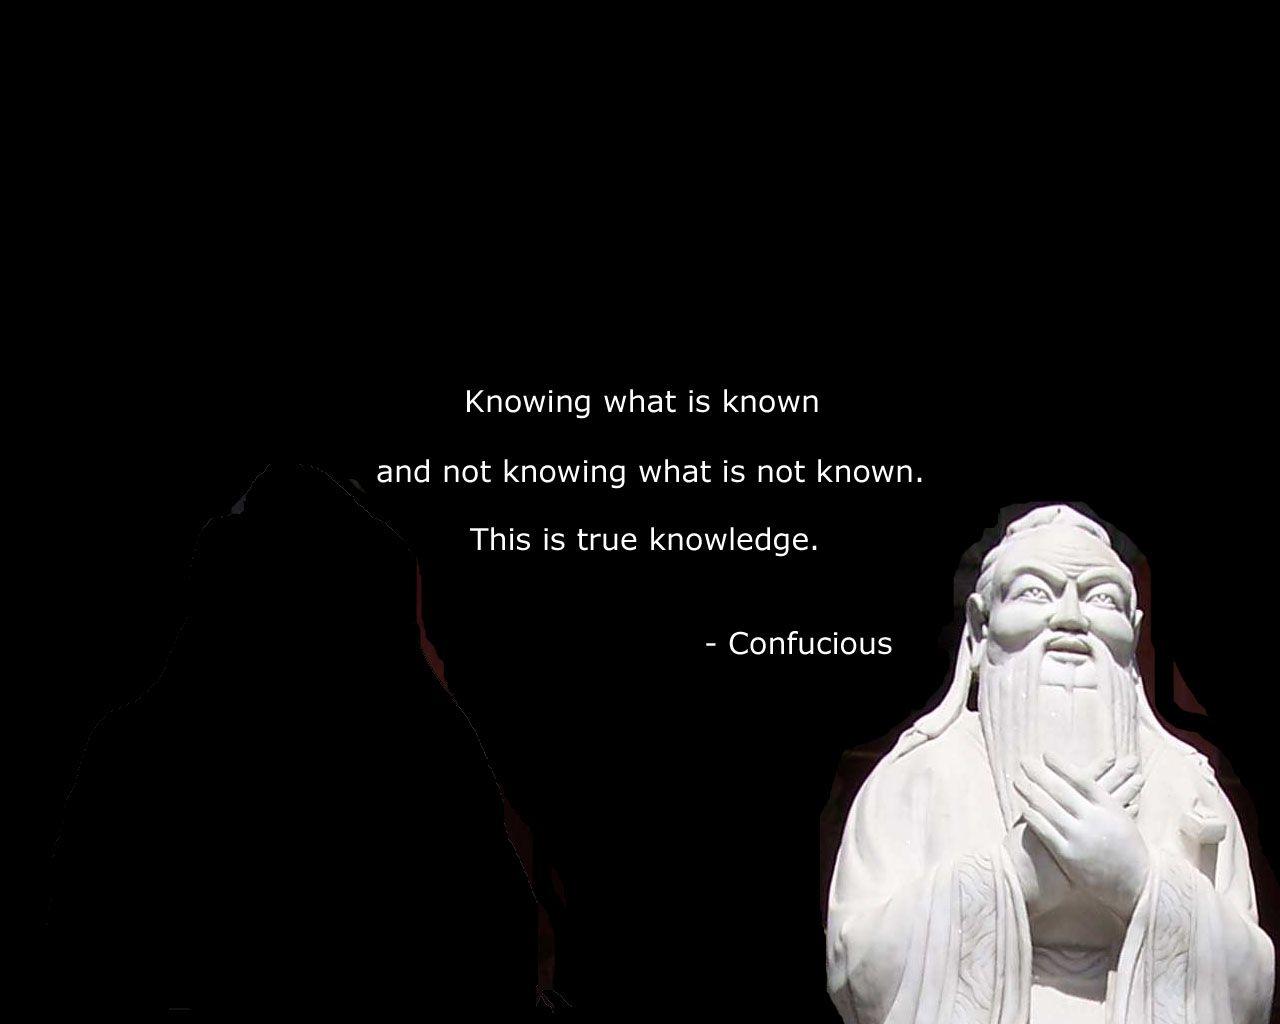 confucius quotes, inspirational quotes, life quotes